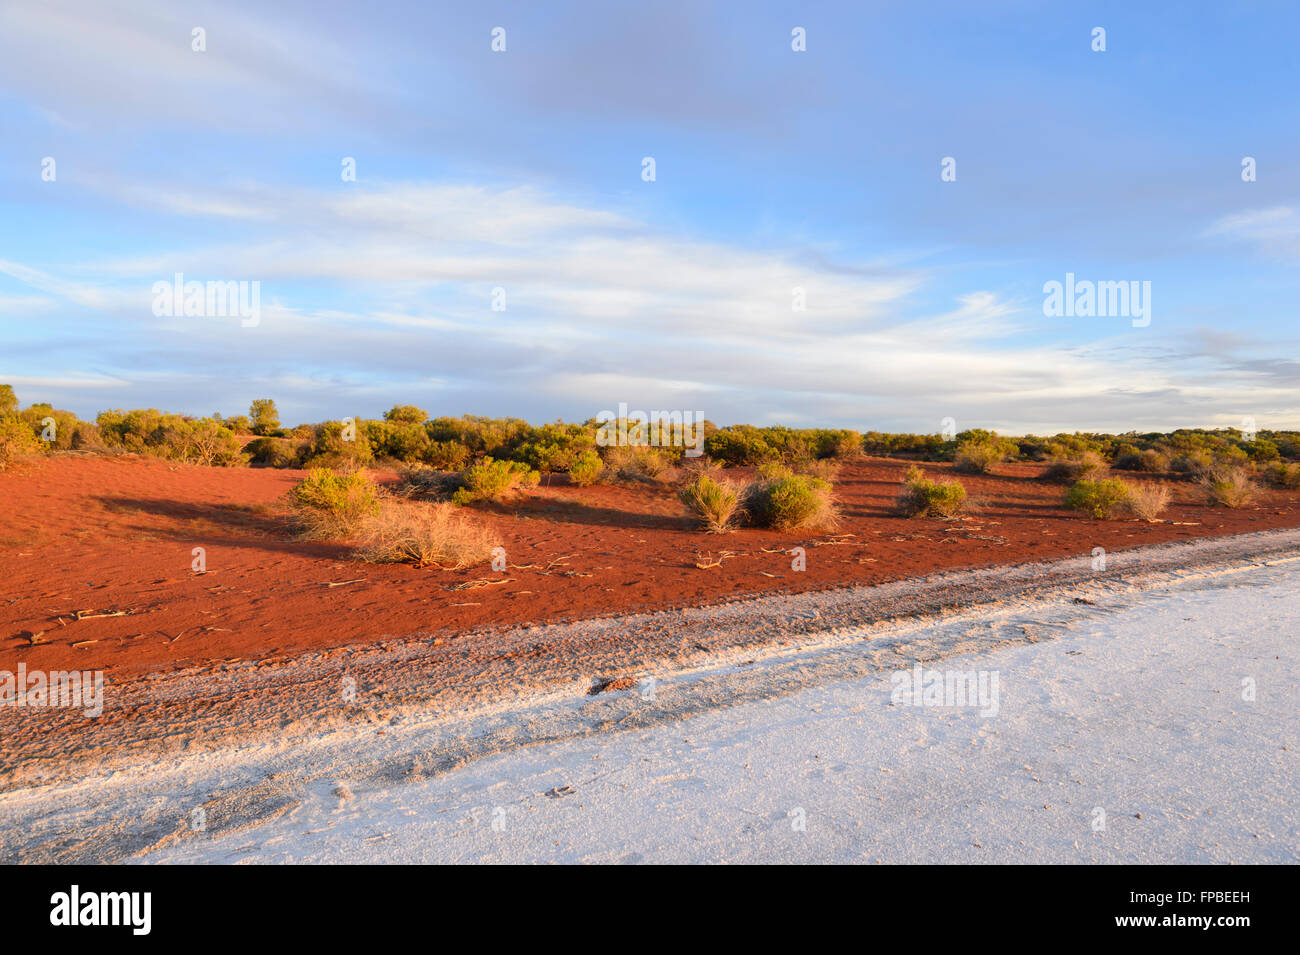 Lake Gairdner, South Australia, SA, Australia - Stock Image